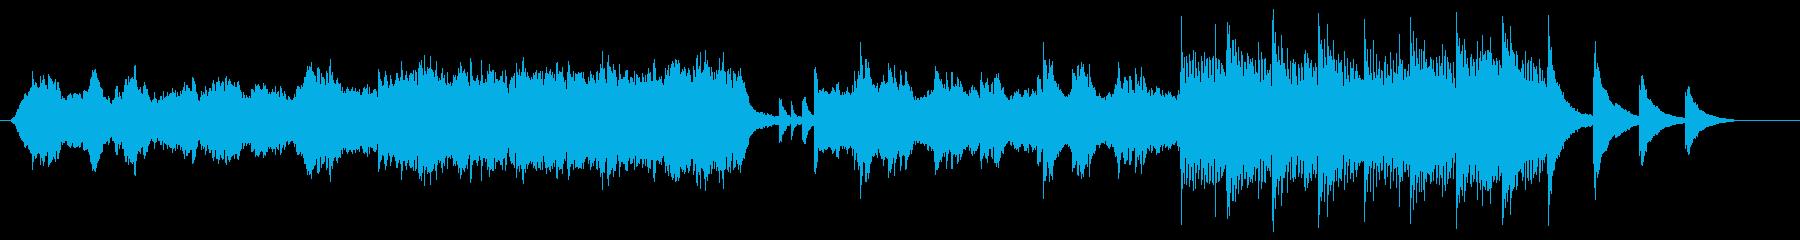 シリアスシーンで感情の高ぶった時の曲の再生済みの波形